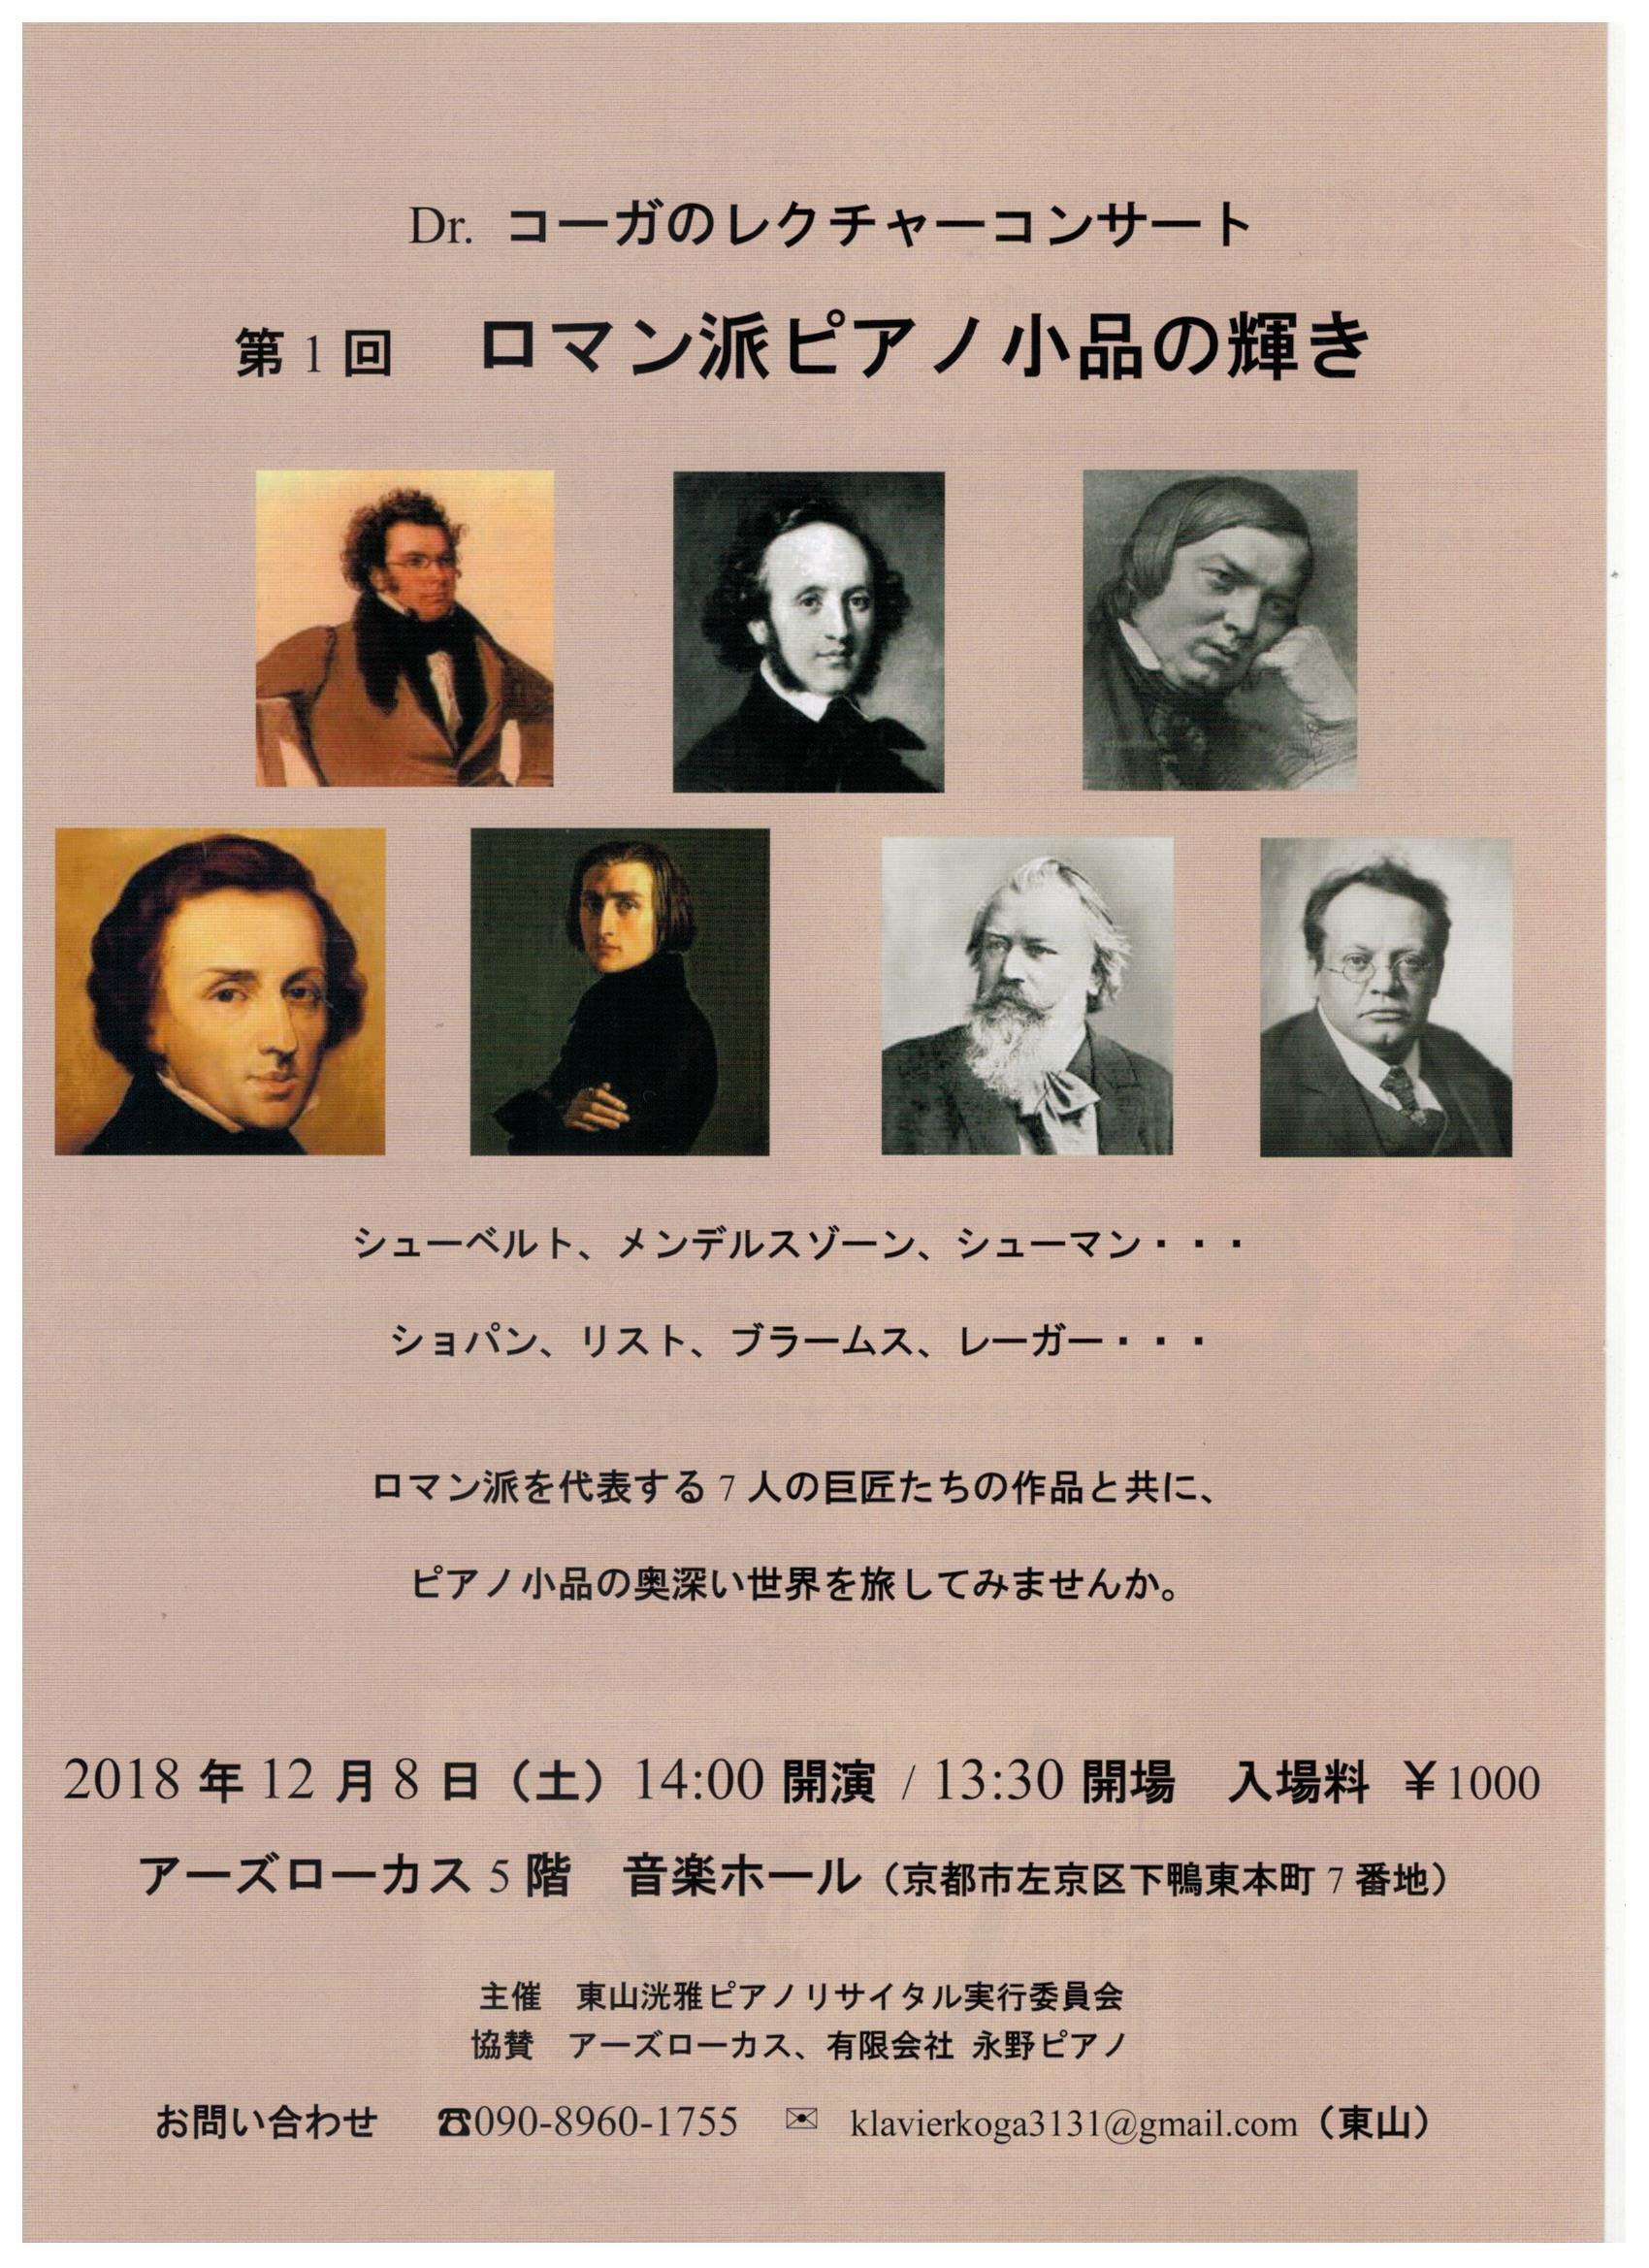 Dr.コーガのレクチャーコンサート(G)第1回~ロマン派ピアノ小品の輝き~